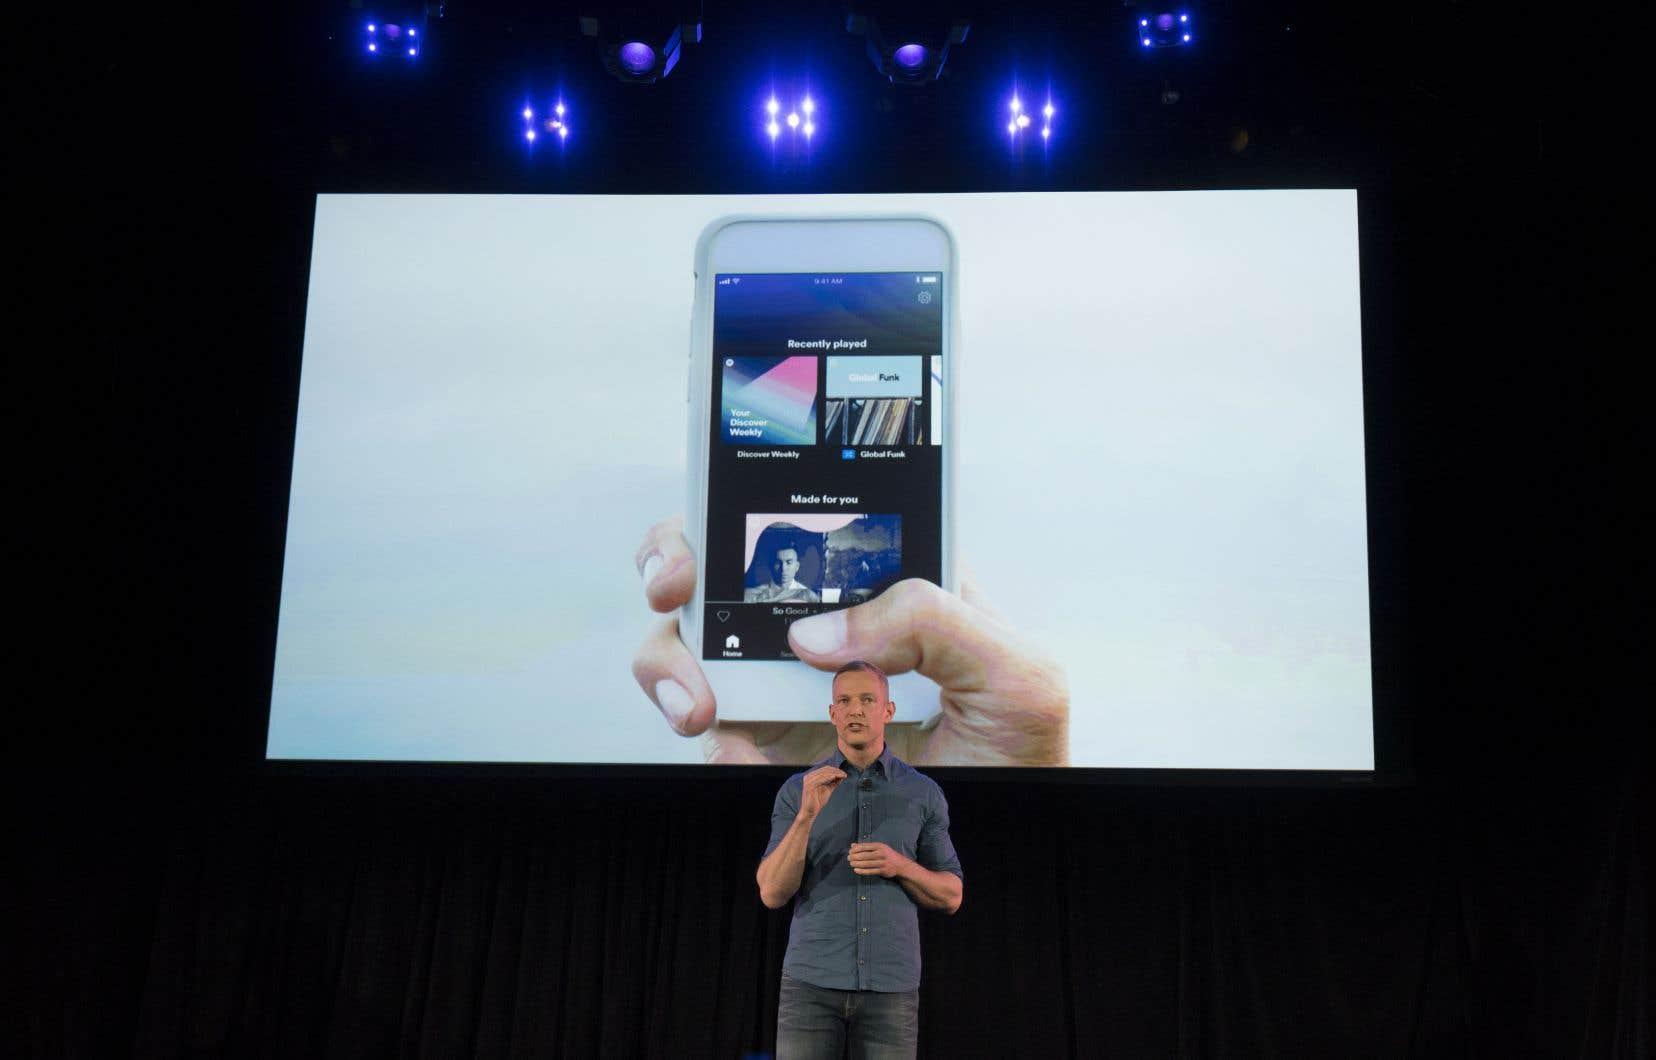 Spotify a annoncé mardi une version améliorée de son offre gratuite pour téléphones intelligent.